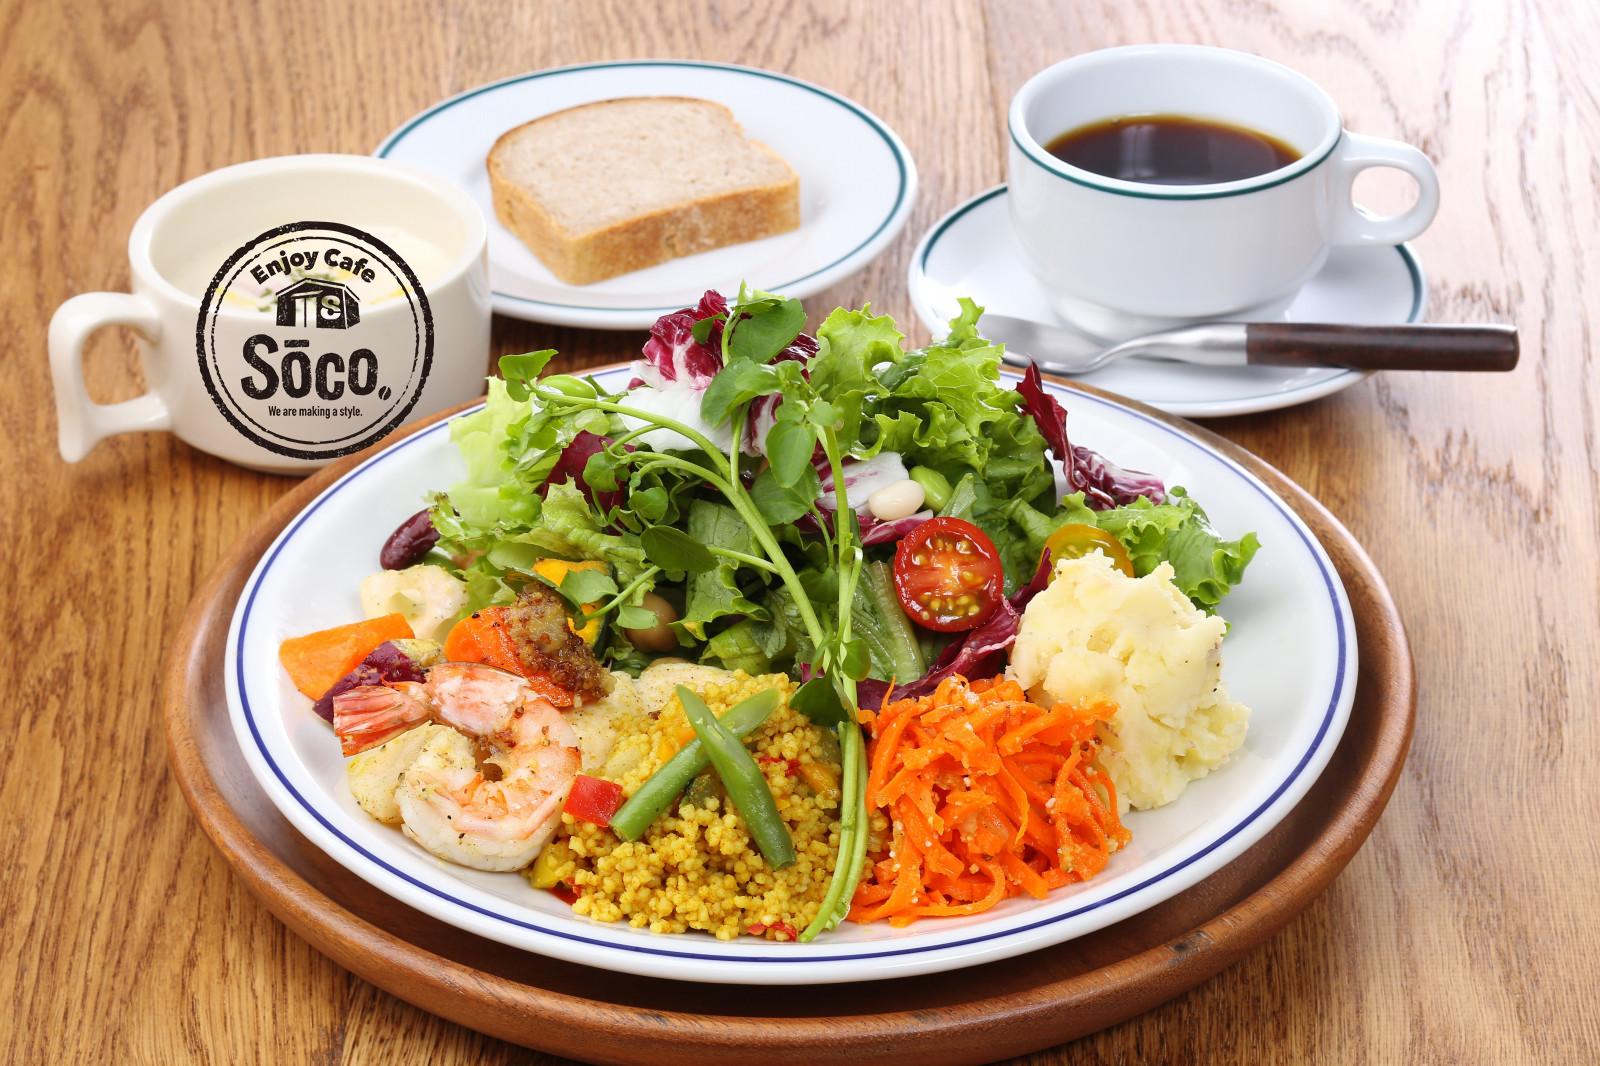 飲食・食堂・レストランの株式会社フードフォレスト | Foodfores